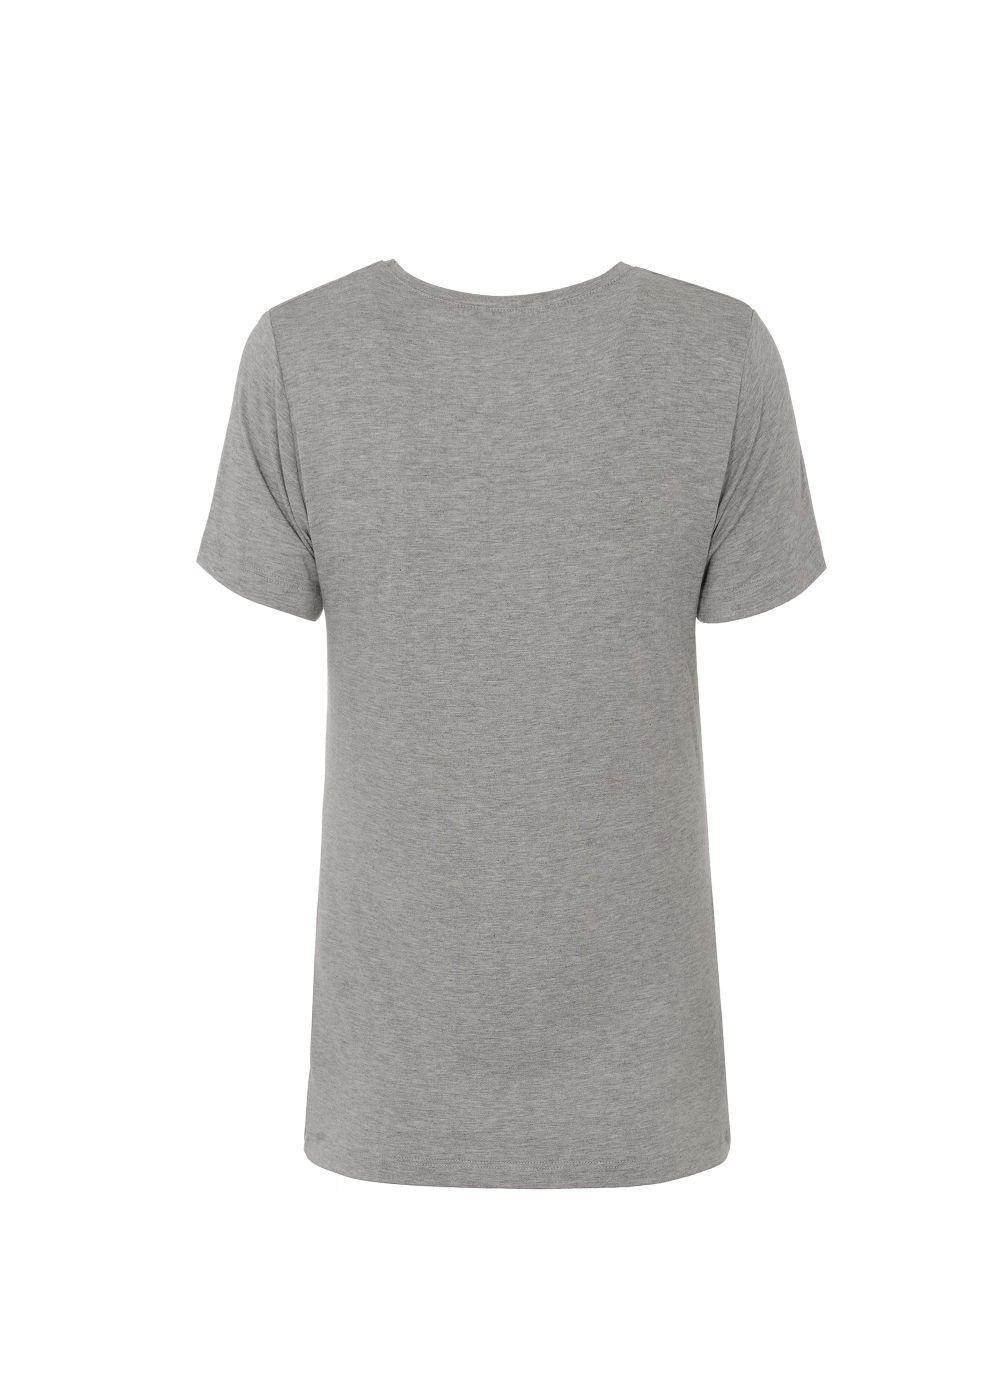 T-shirt damski TSHDT-0022-91(Z18)